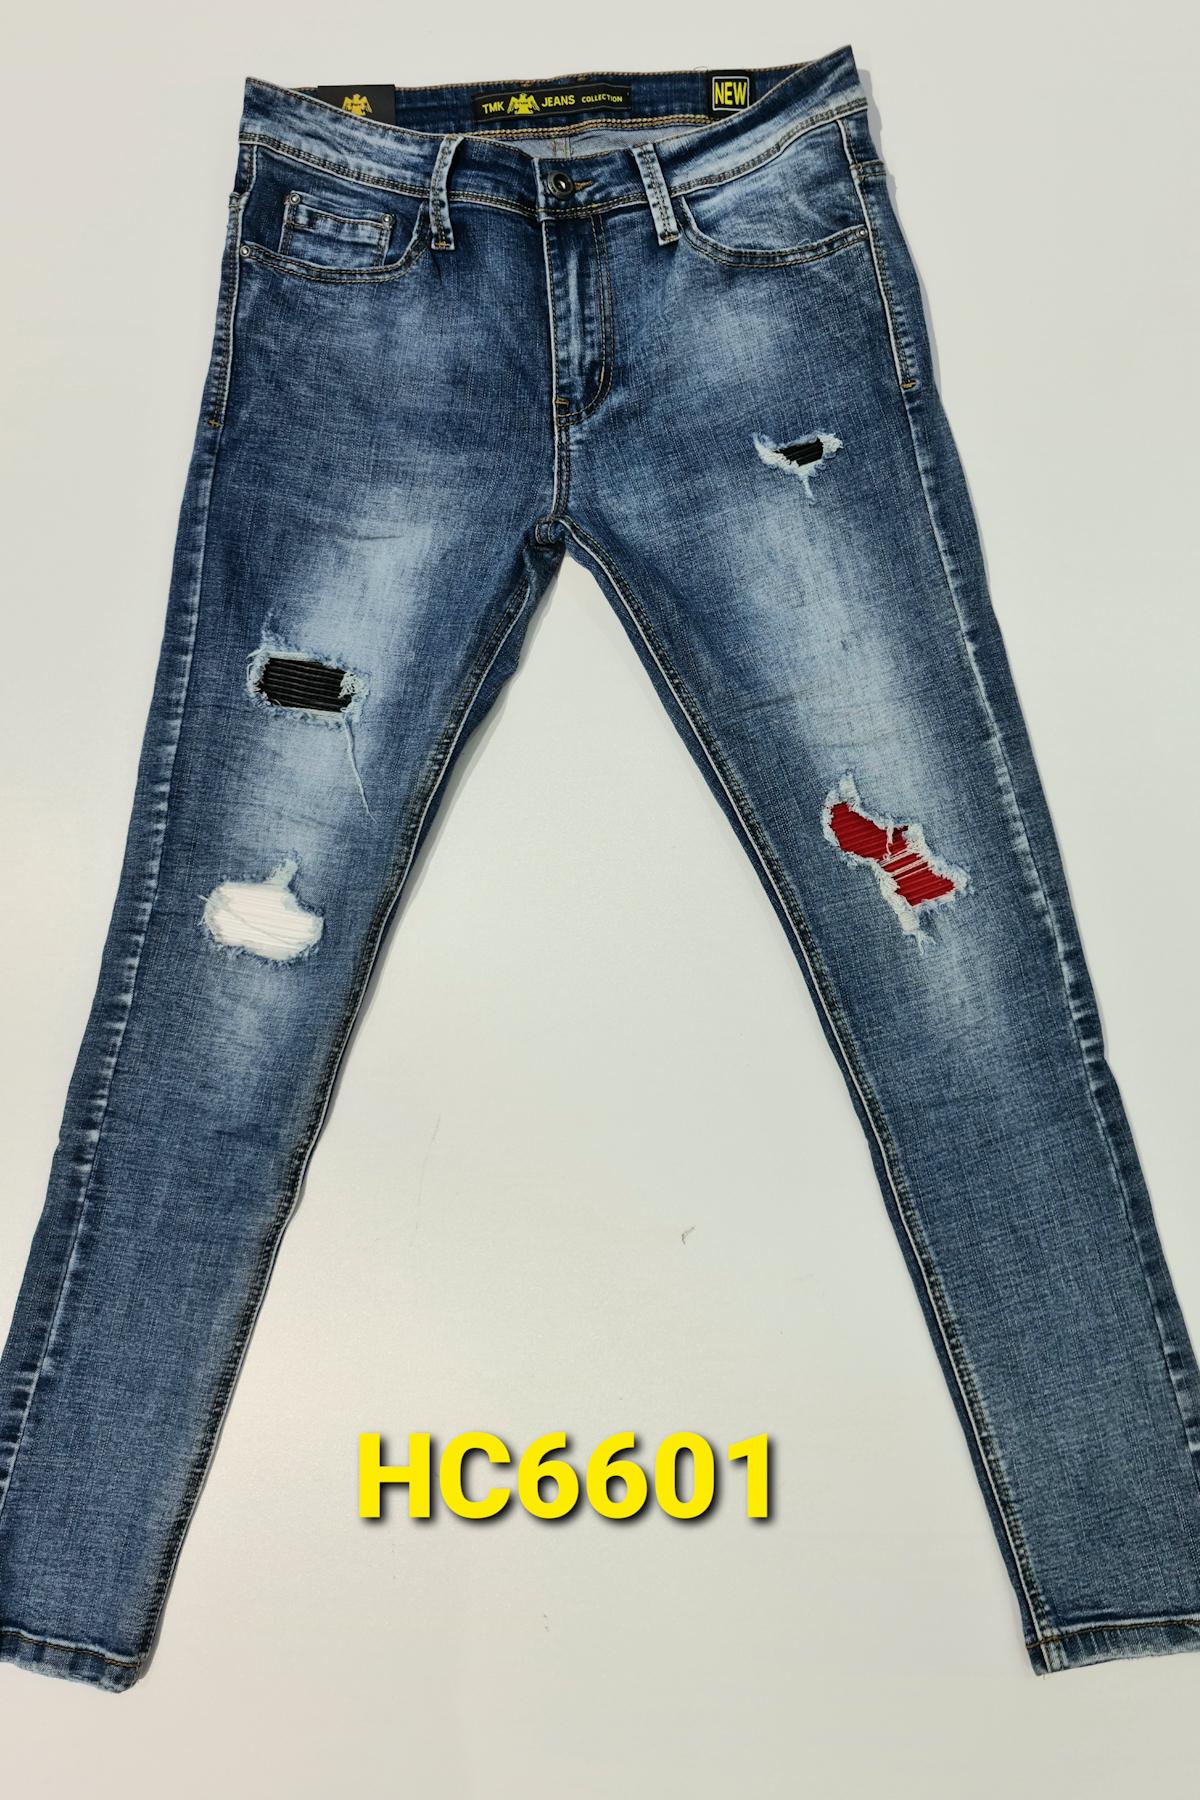 Jeans Homme Jean ROY LYS HC6601 #c eFashion Paris